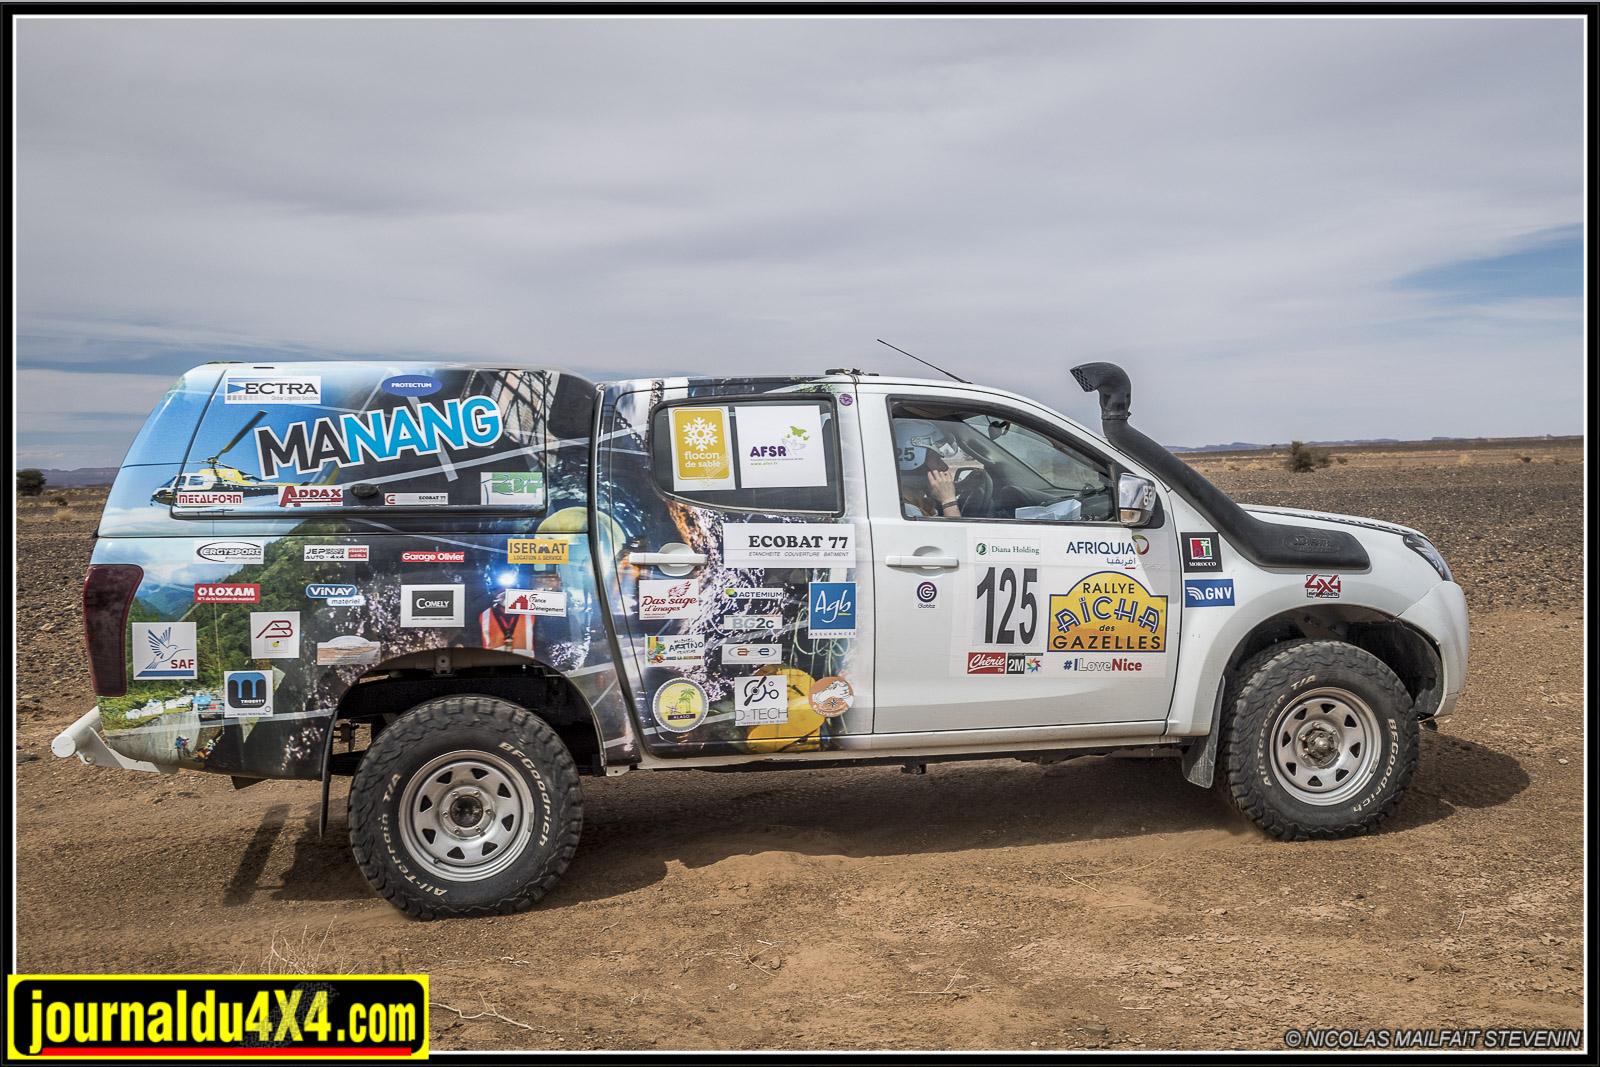 rallye-aicha-gazelles-maroc-2017-6794.jpg